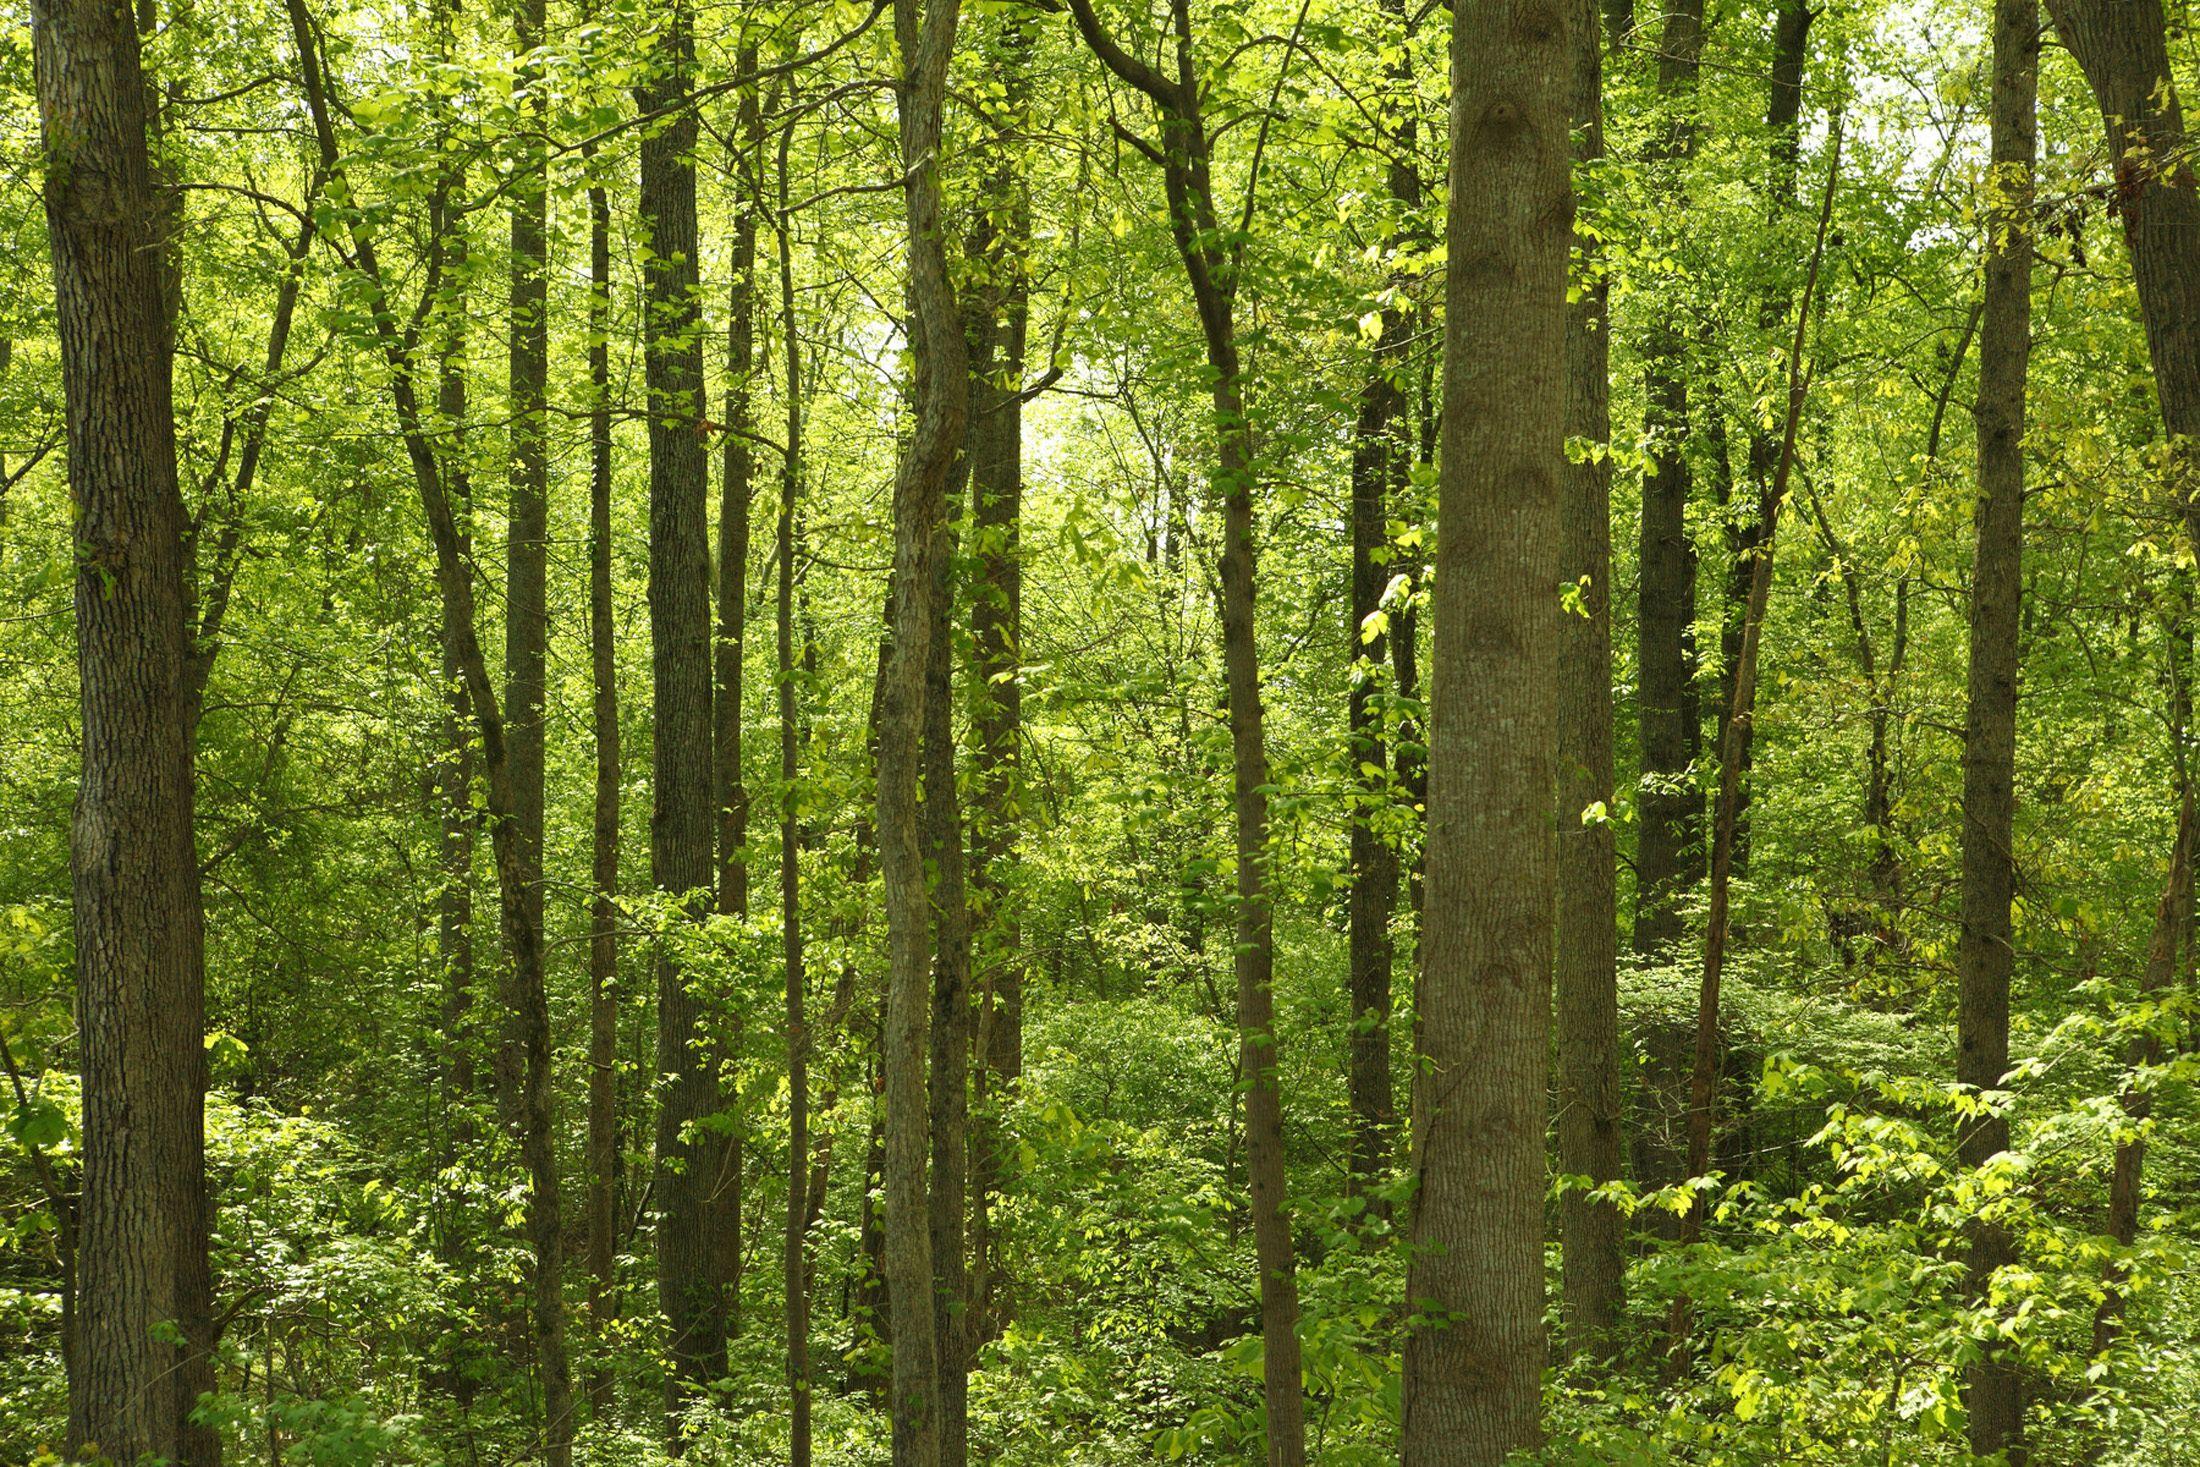 Comment l'odeur des forêts de pin contribue à limiter le réchauffement climatique